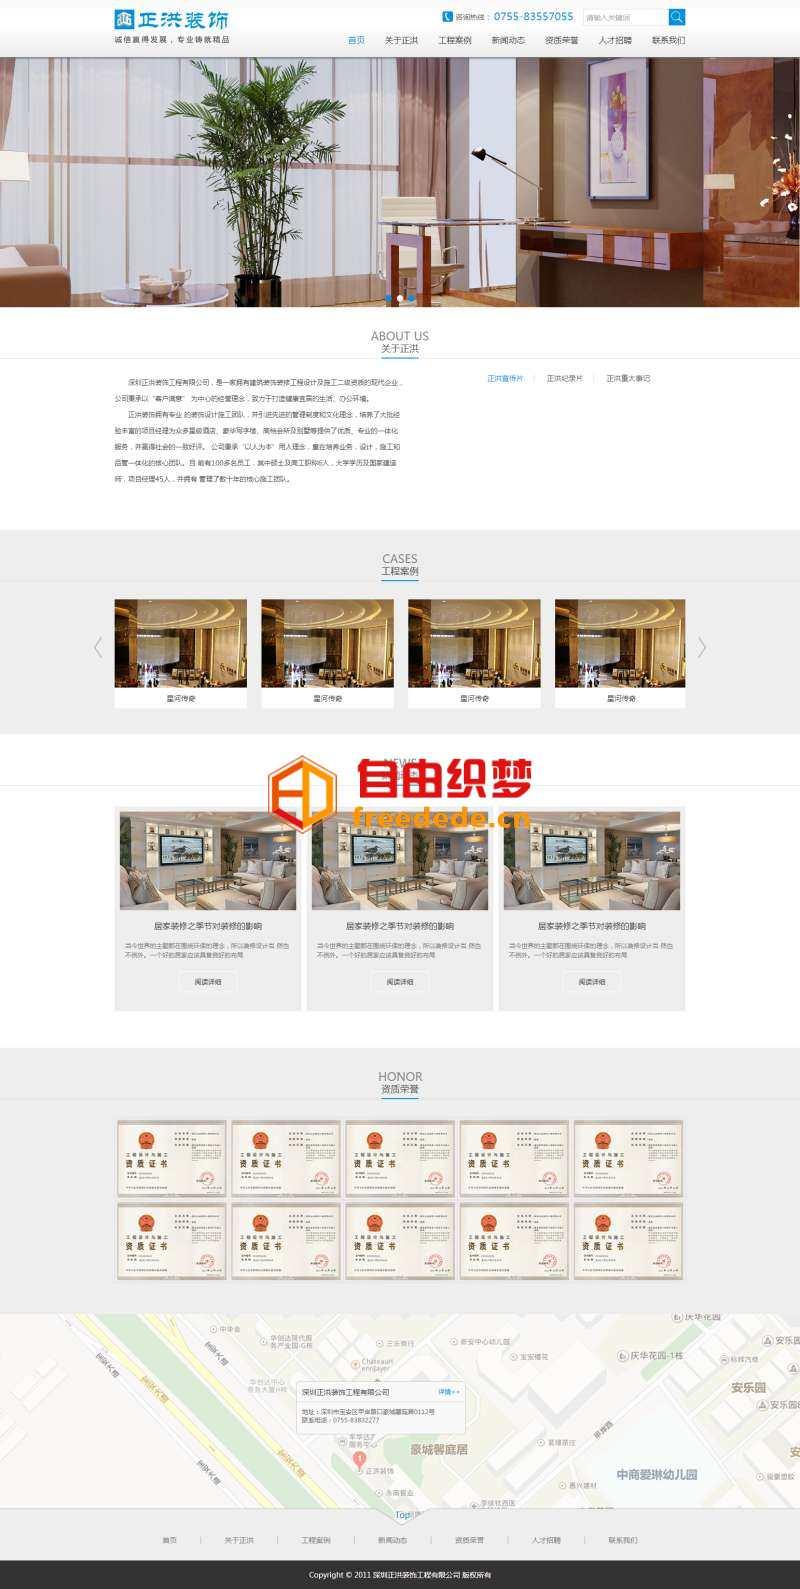 爱上源码网文章蓝色大气的正宏装饰公司网站静态模板的内容插图